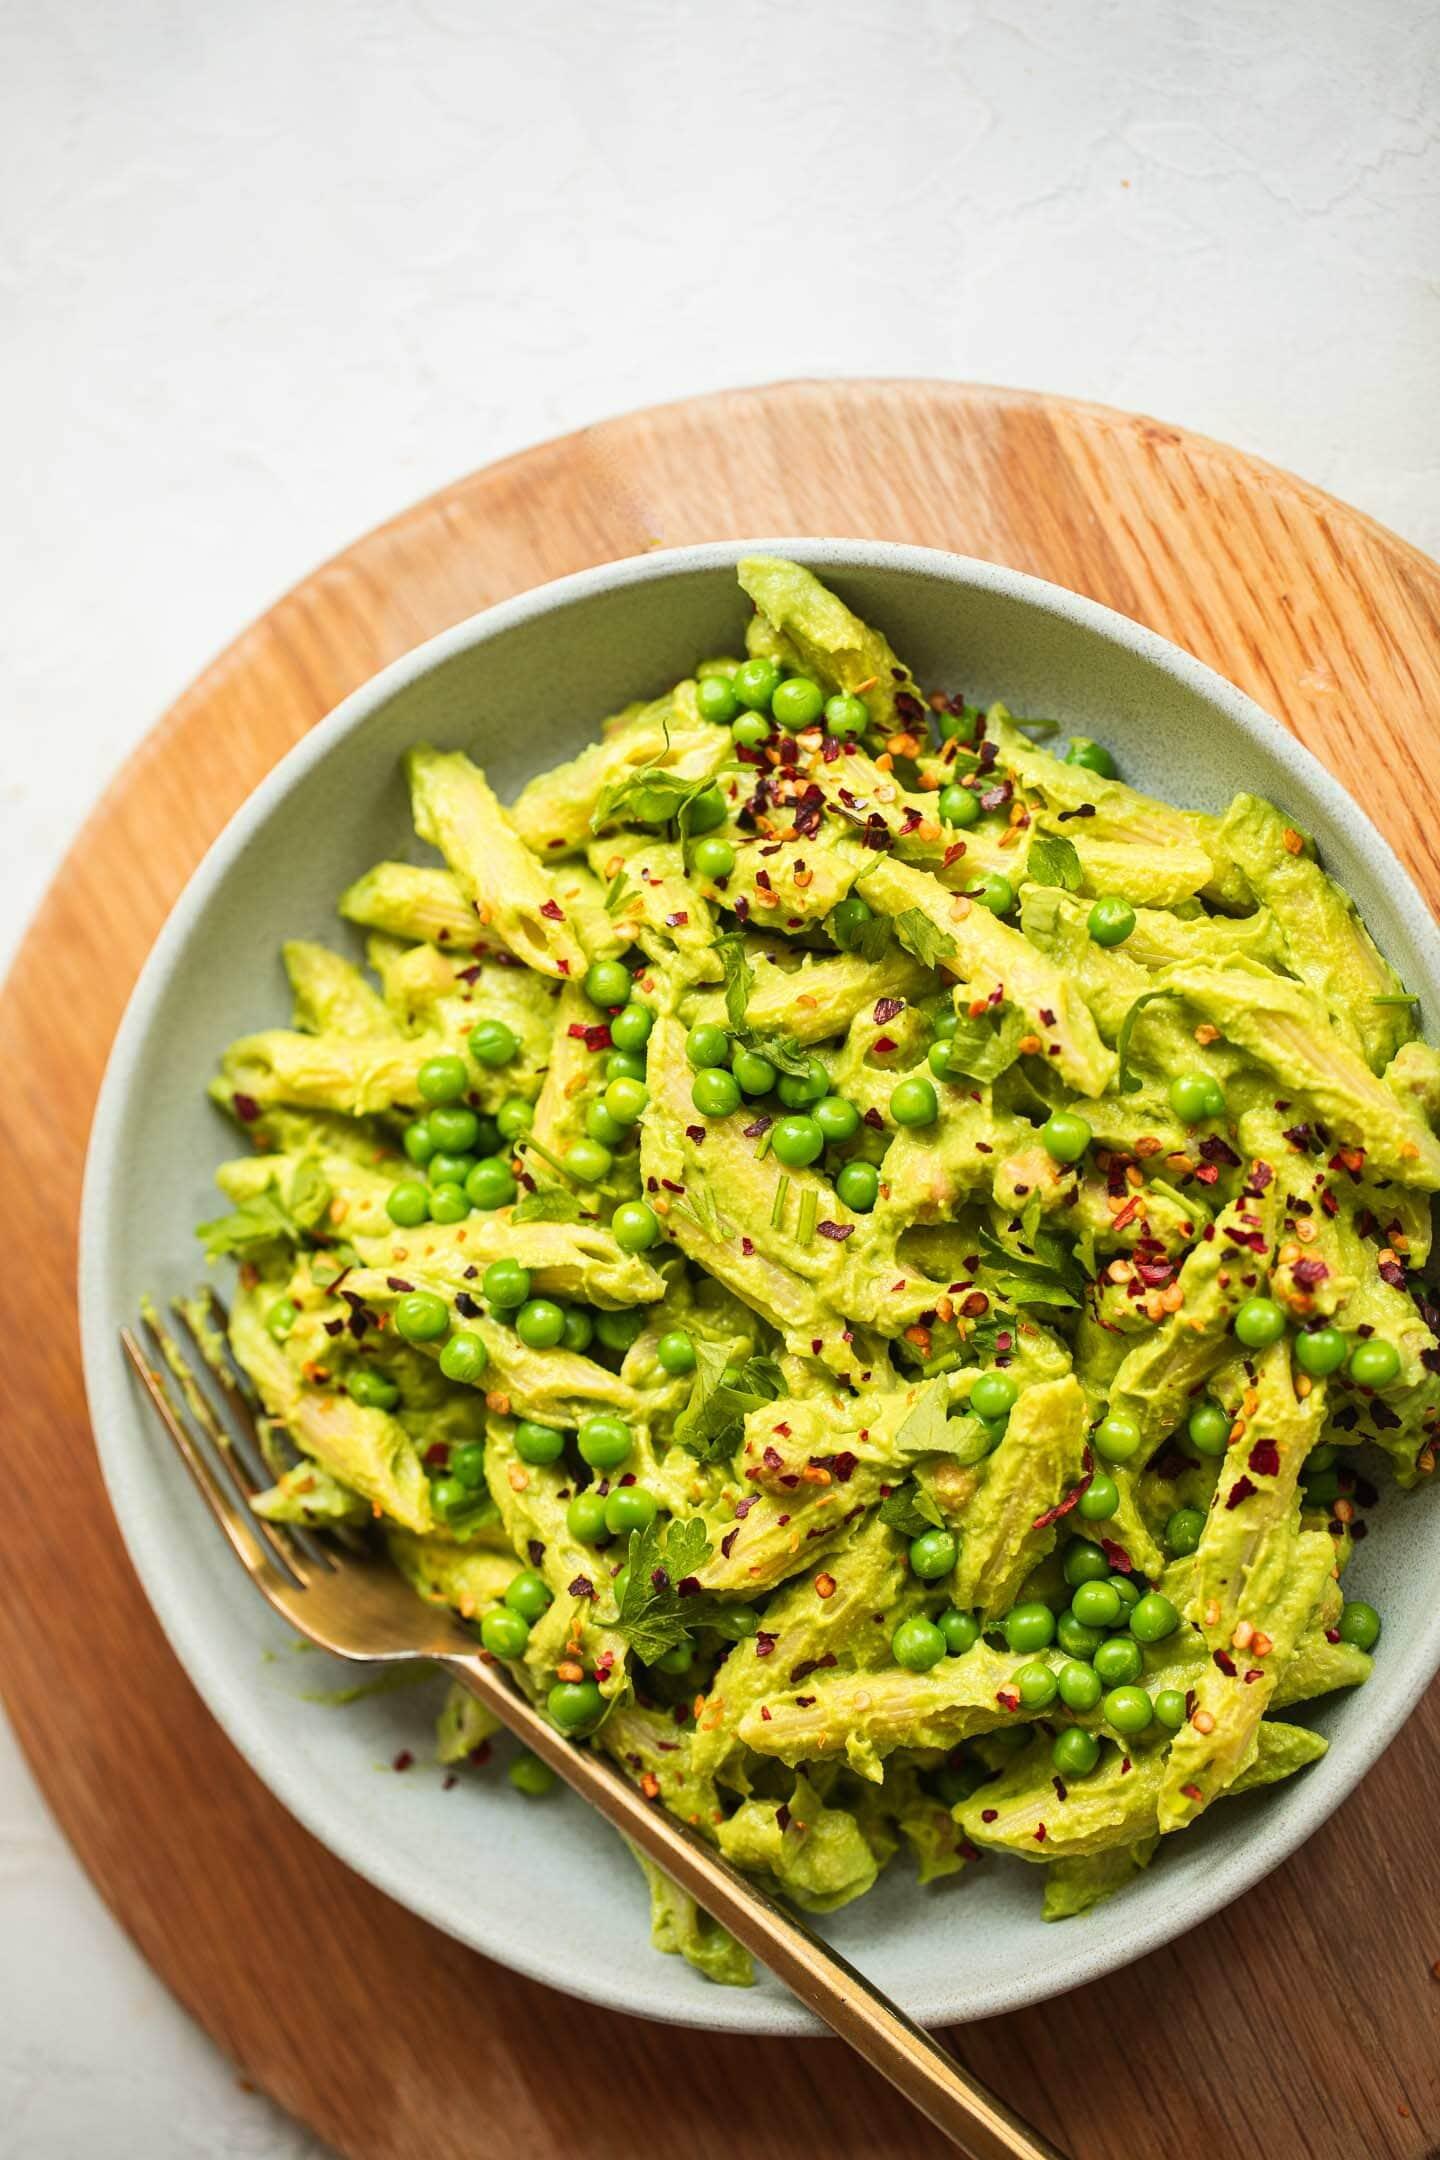 Vegan pesto pasta with green peas